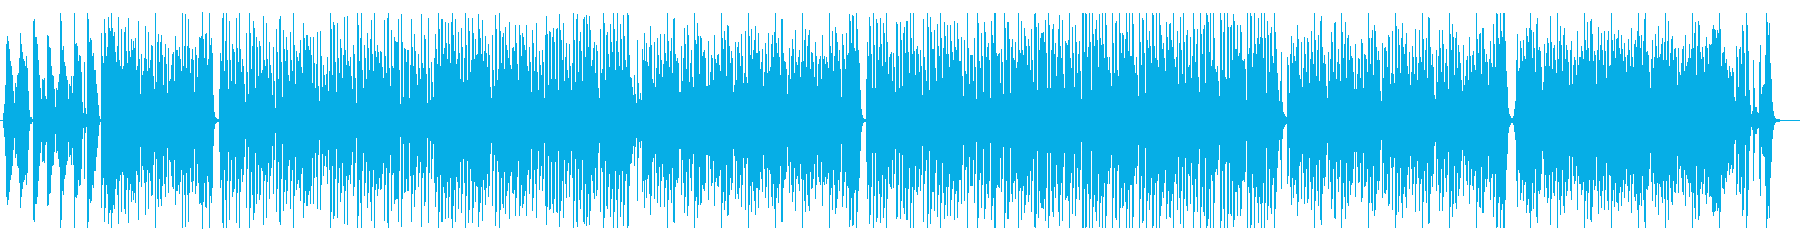 シュールでブルージーな楽曲の再生済みの波形